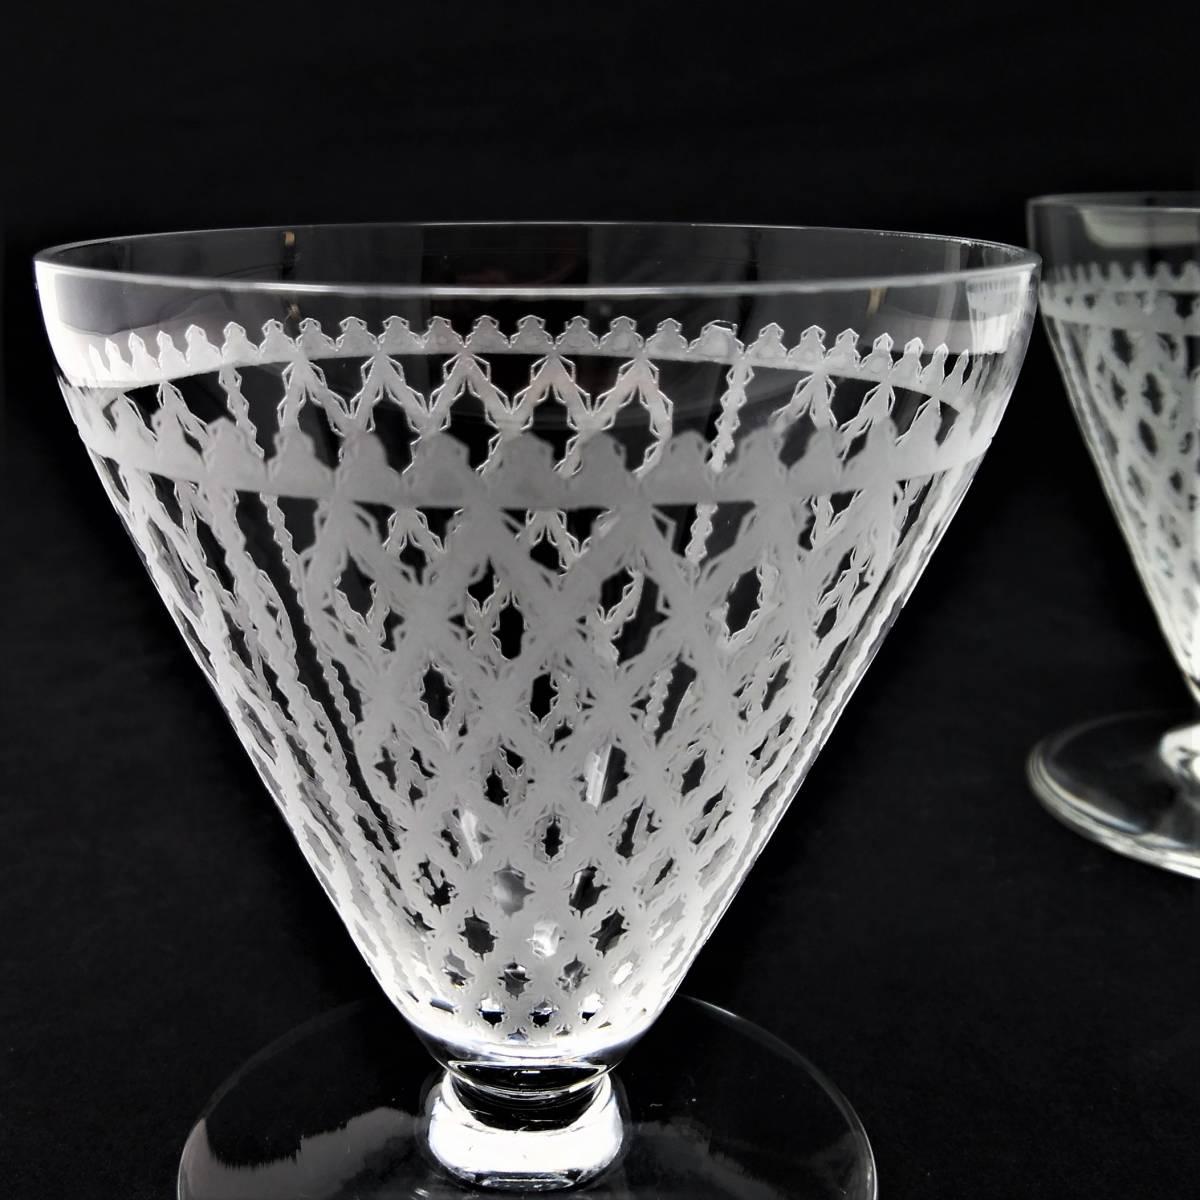 オールドバカラ BACCARAT アルハンブラ ALHAMBRA ワイングラス 2客セット H8.1cm 110◆ペア クリスタル リキュールグラス ショットグラス _画像6